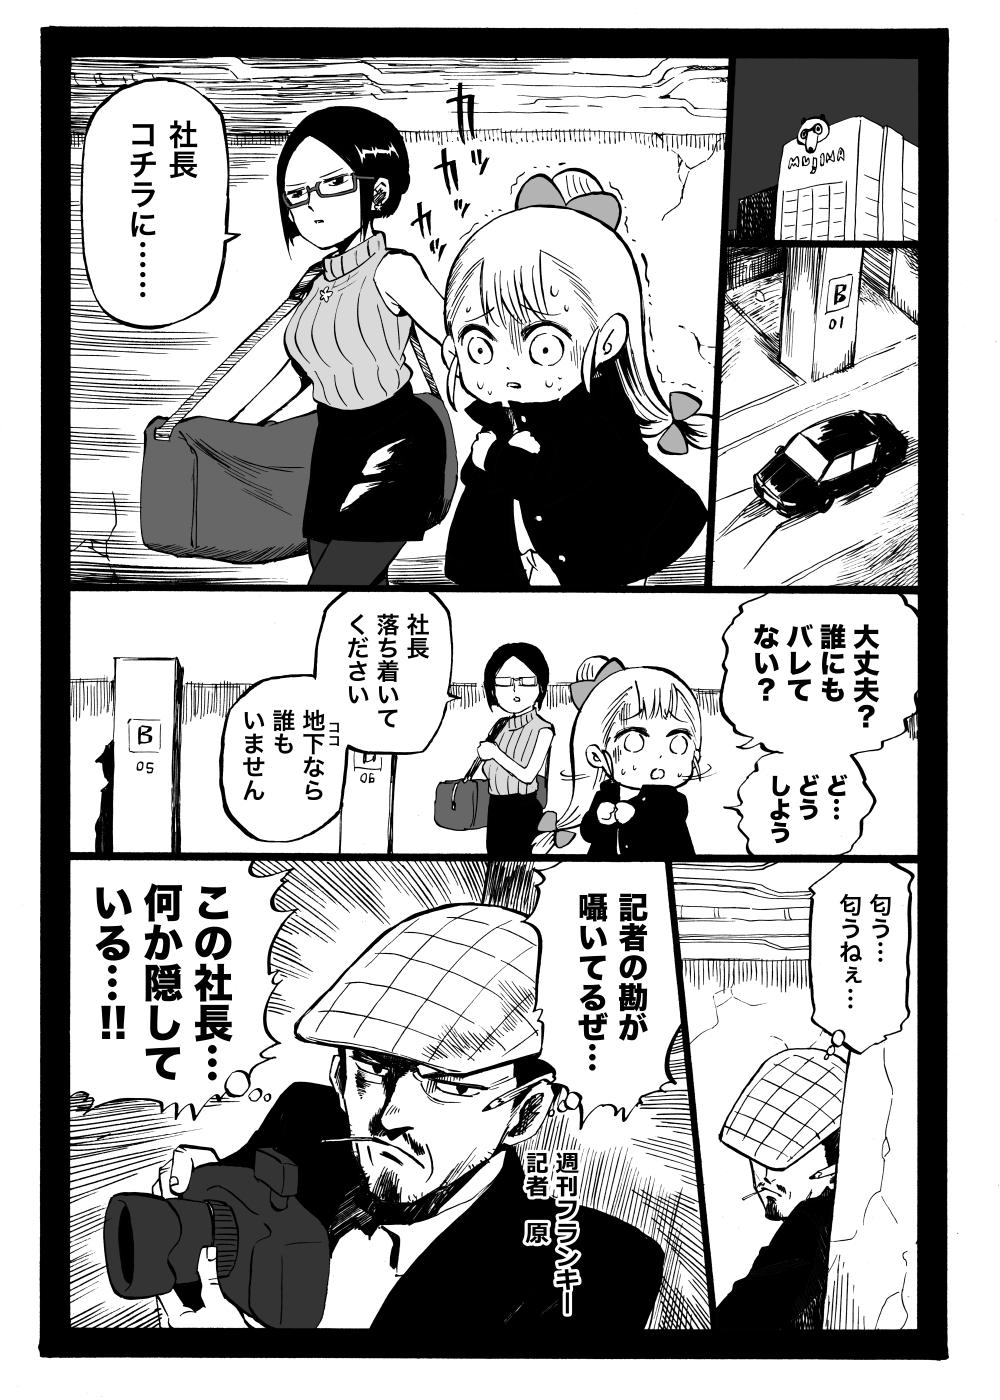 幼女社長(すきゃんだる(単行本収録))